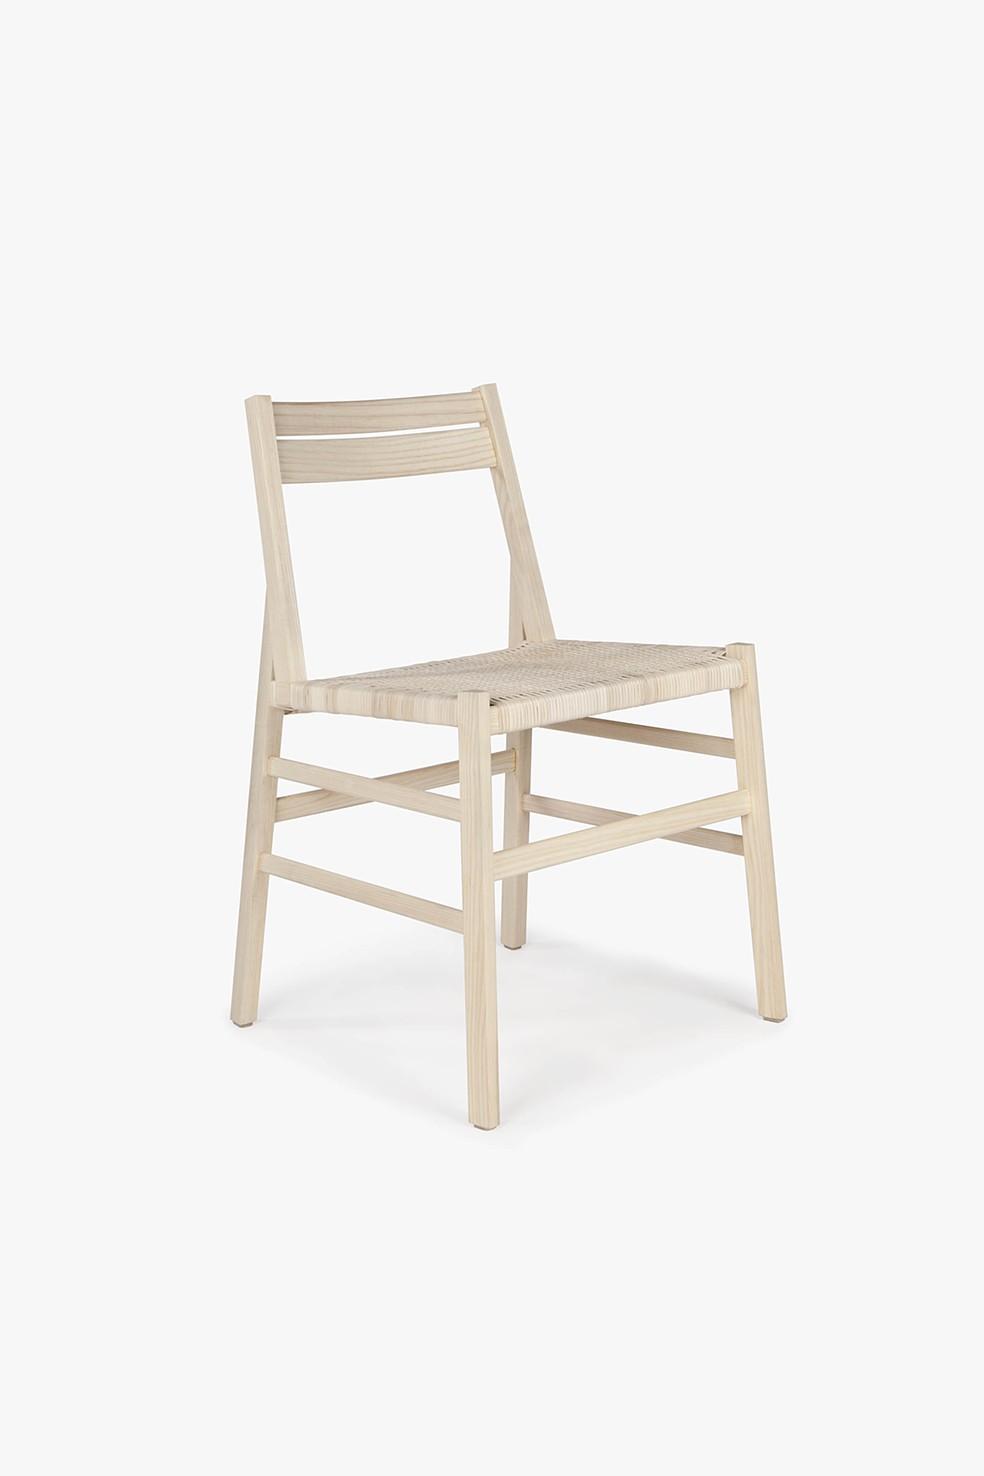 greg laird furniture - ultralight chair